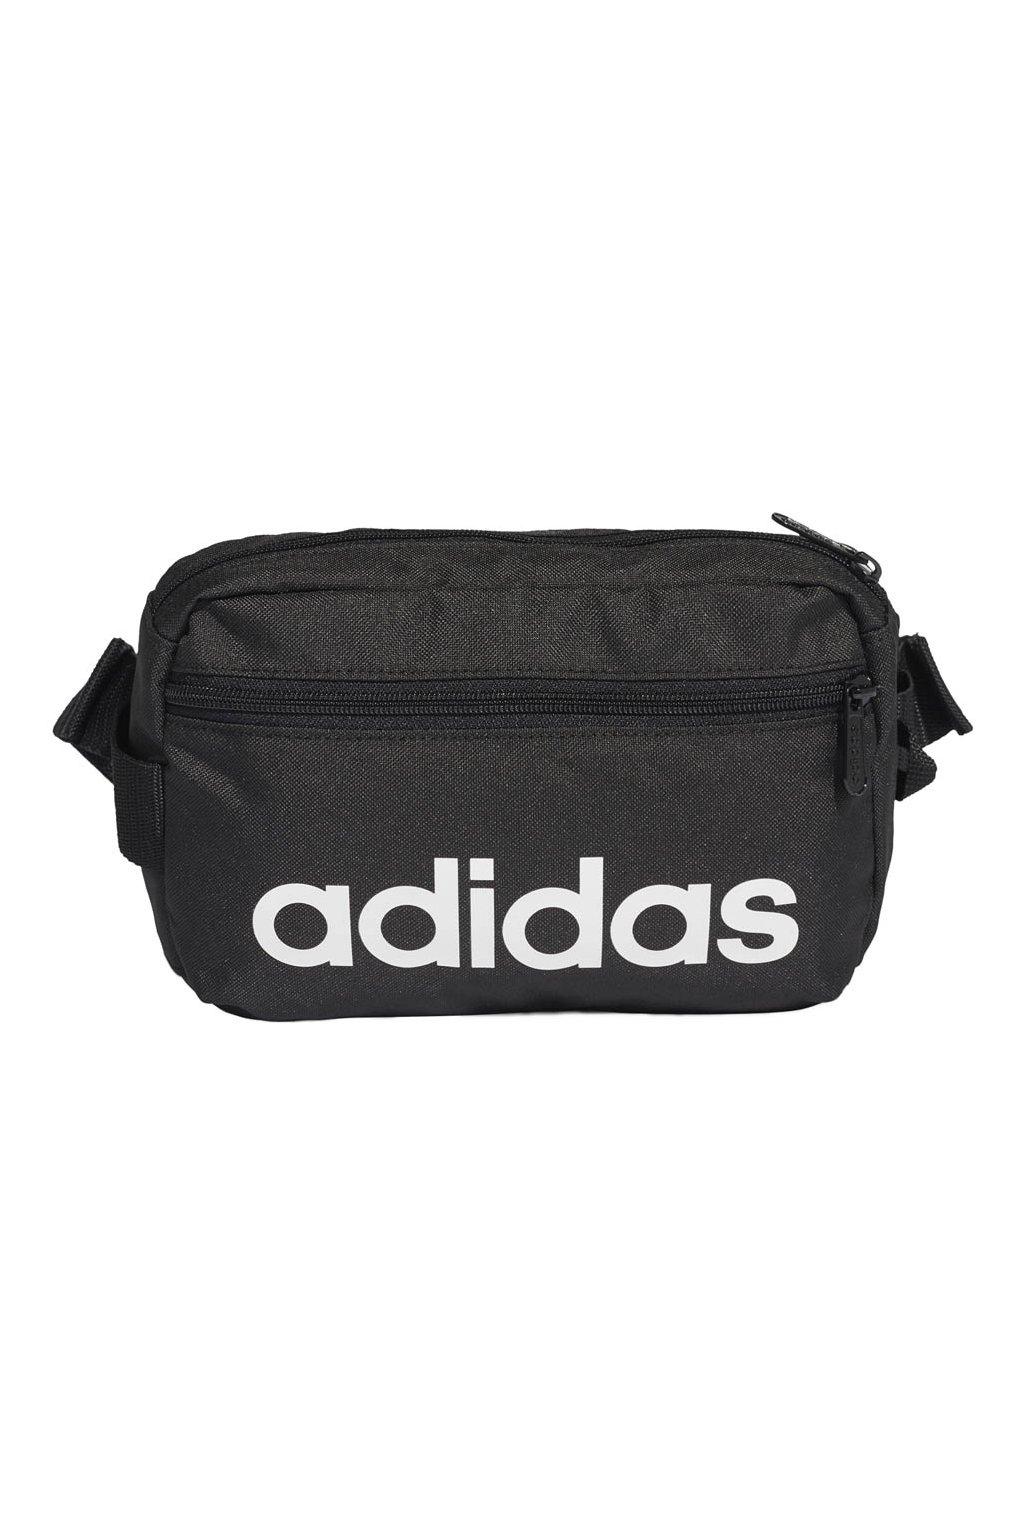 Ľadvinka Adidas Belt, čierna DT4827